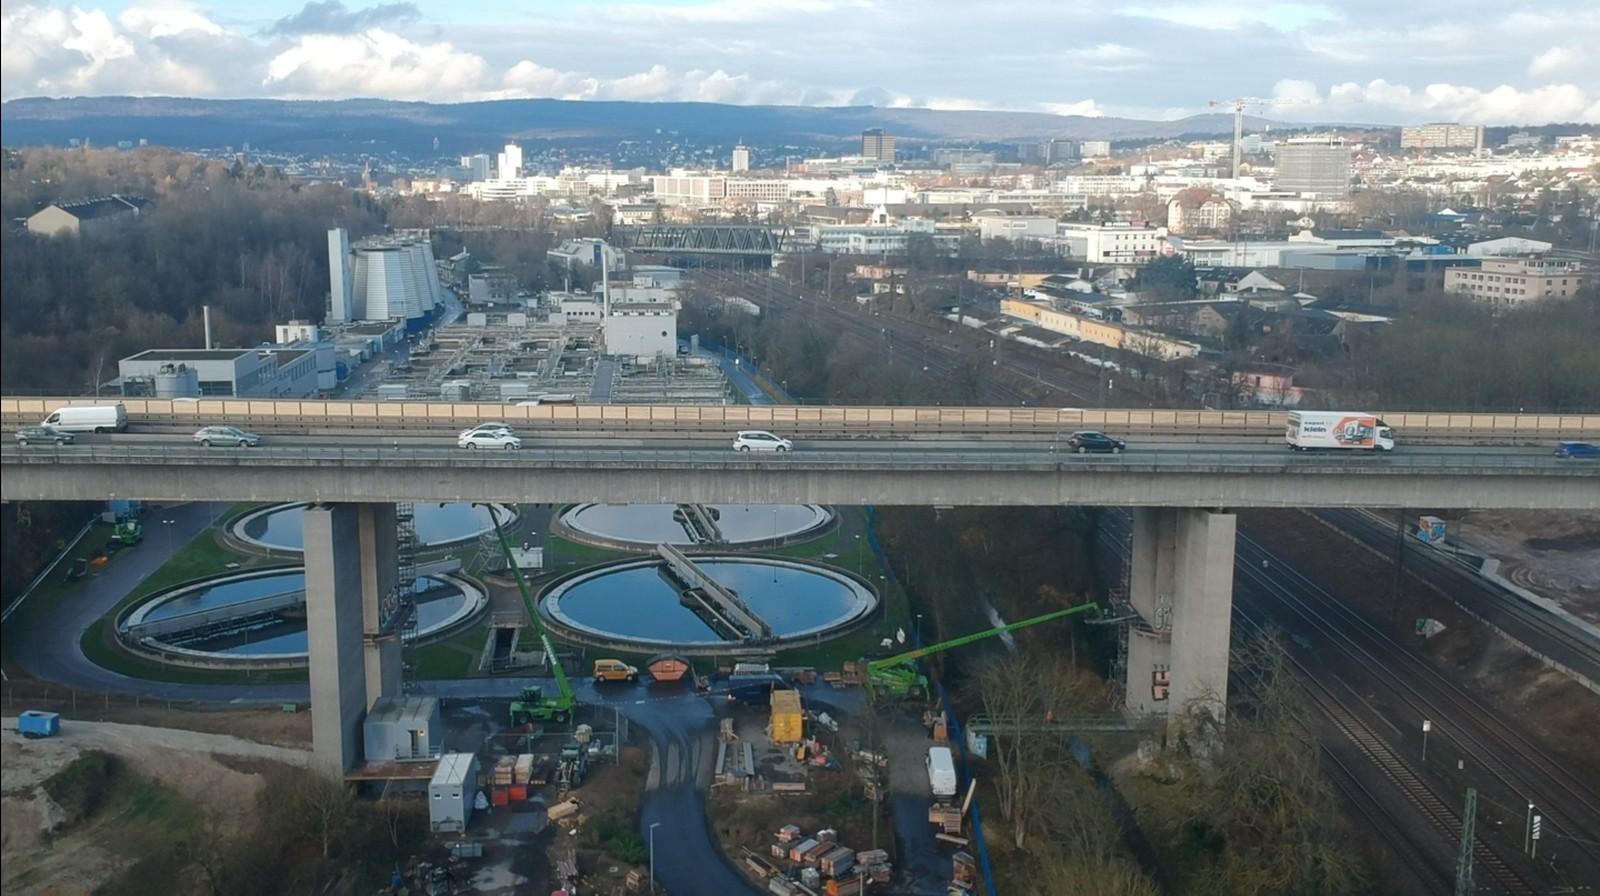 Die Salzbachtalbrücke gehört zu den großen Projekten in Hessen in diesem Jahr